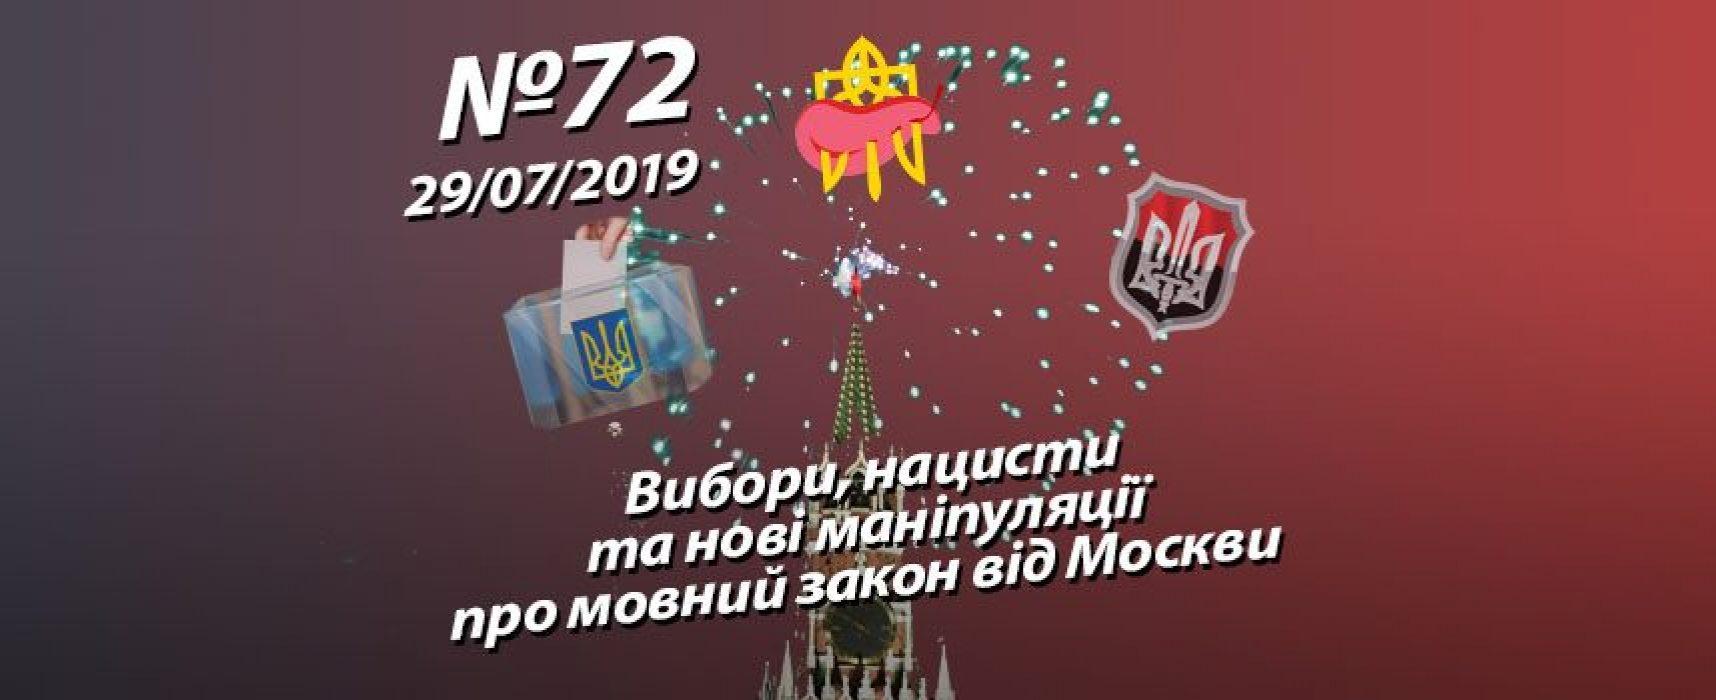 Вибори, нацисти та нові маніпуляції про мовний закон від Москви – StopFake.org